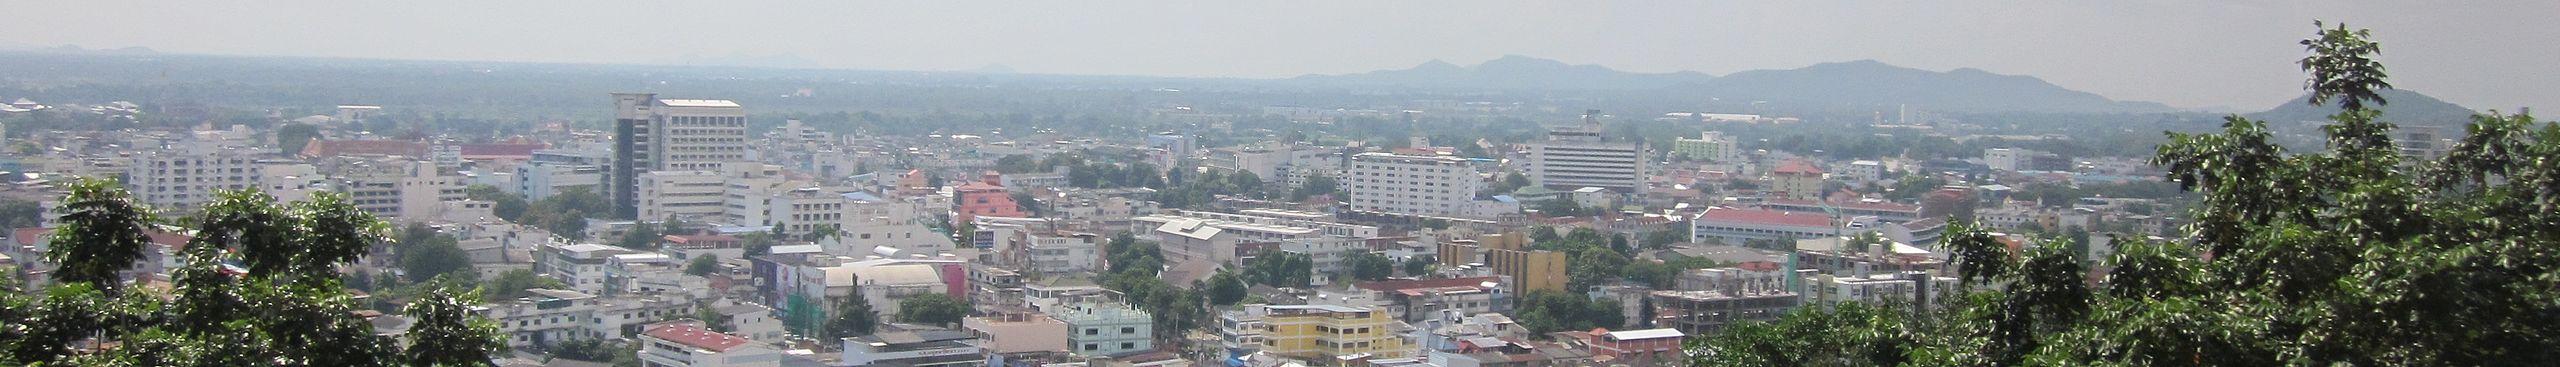 Nakhon Sawan Thailand  city photos gallery : Nakhon Sawan – Travel guide at Wikivoyage